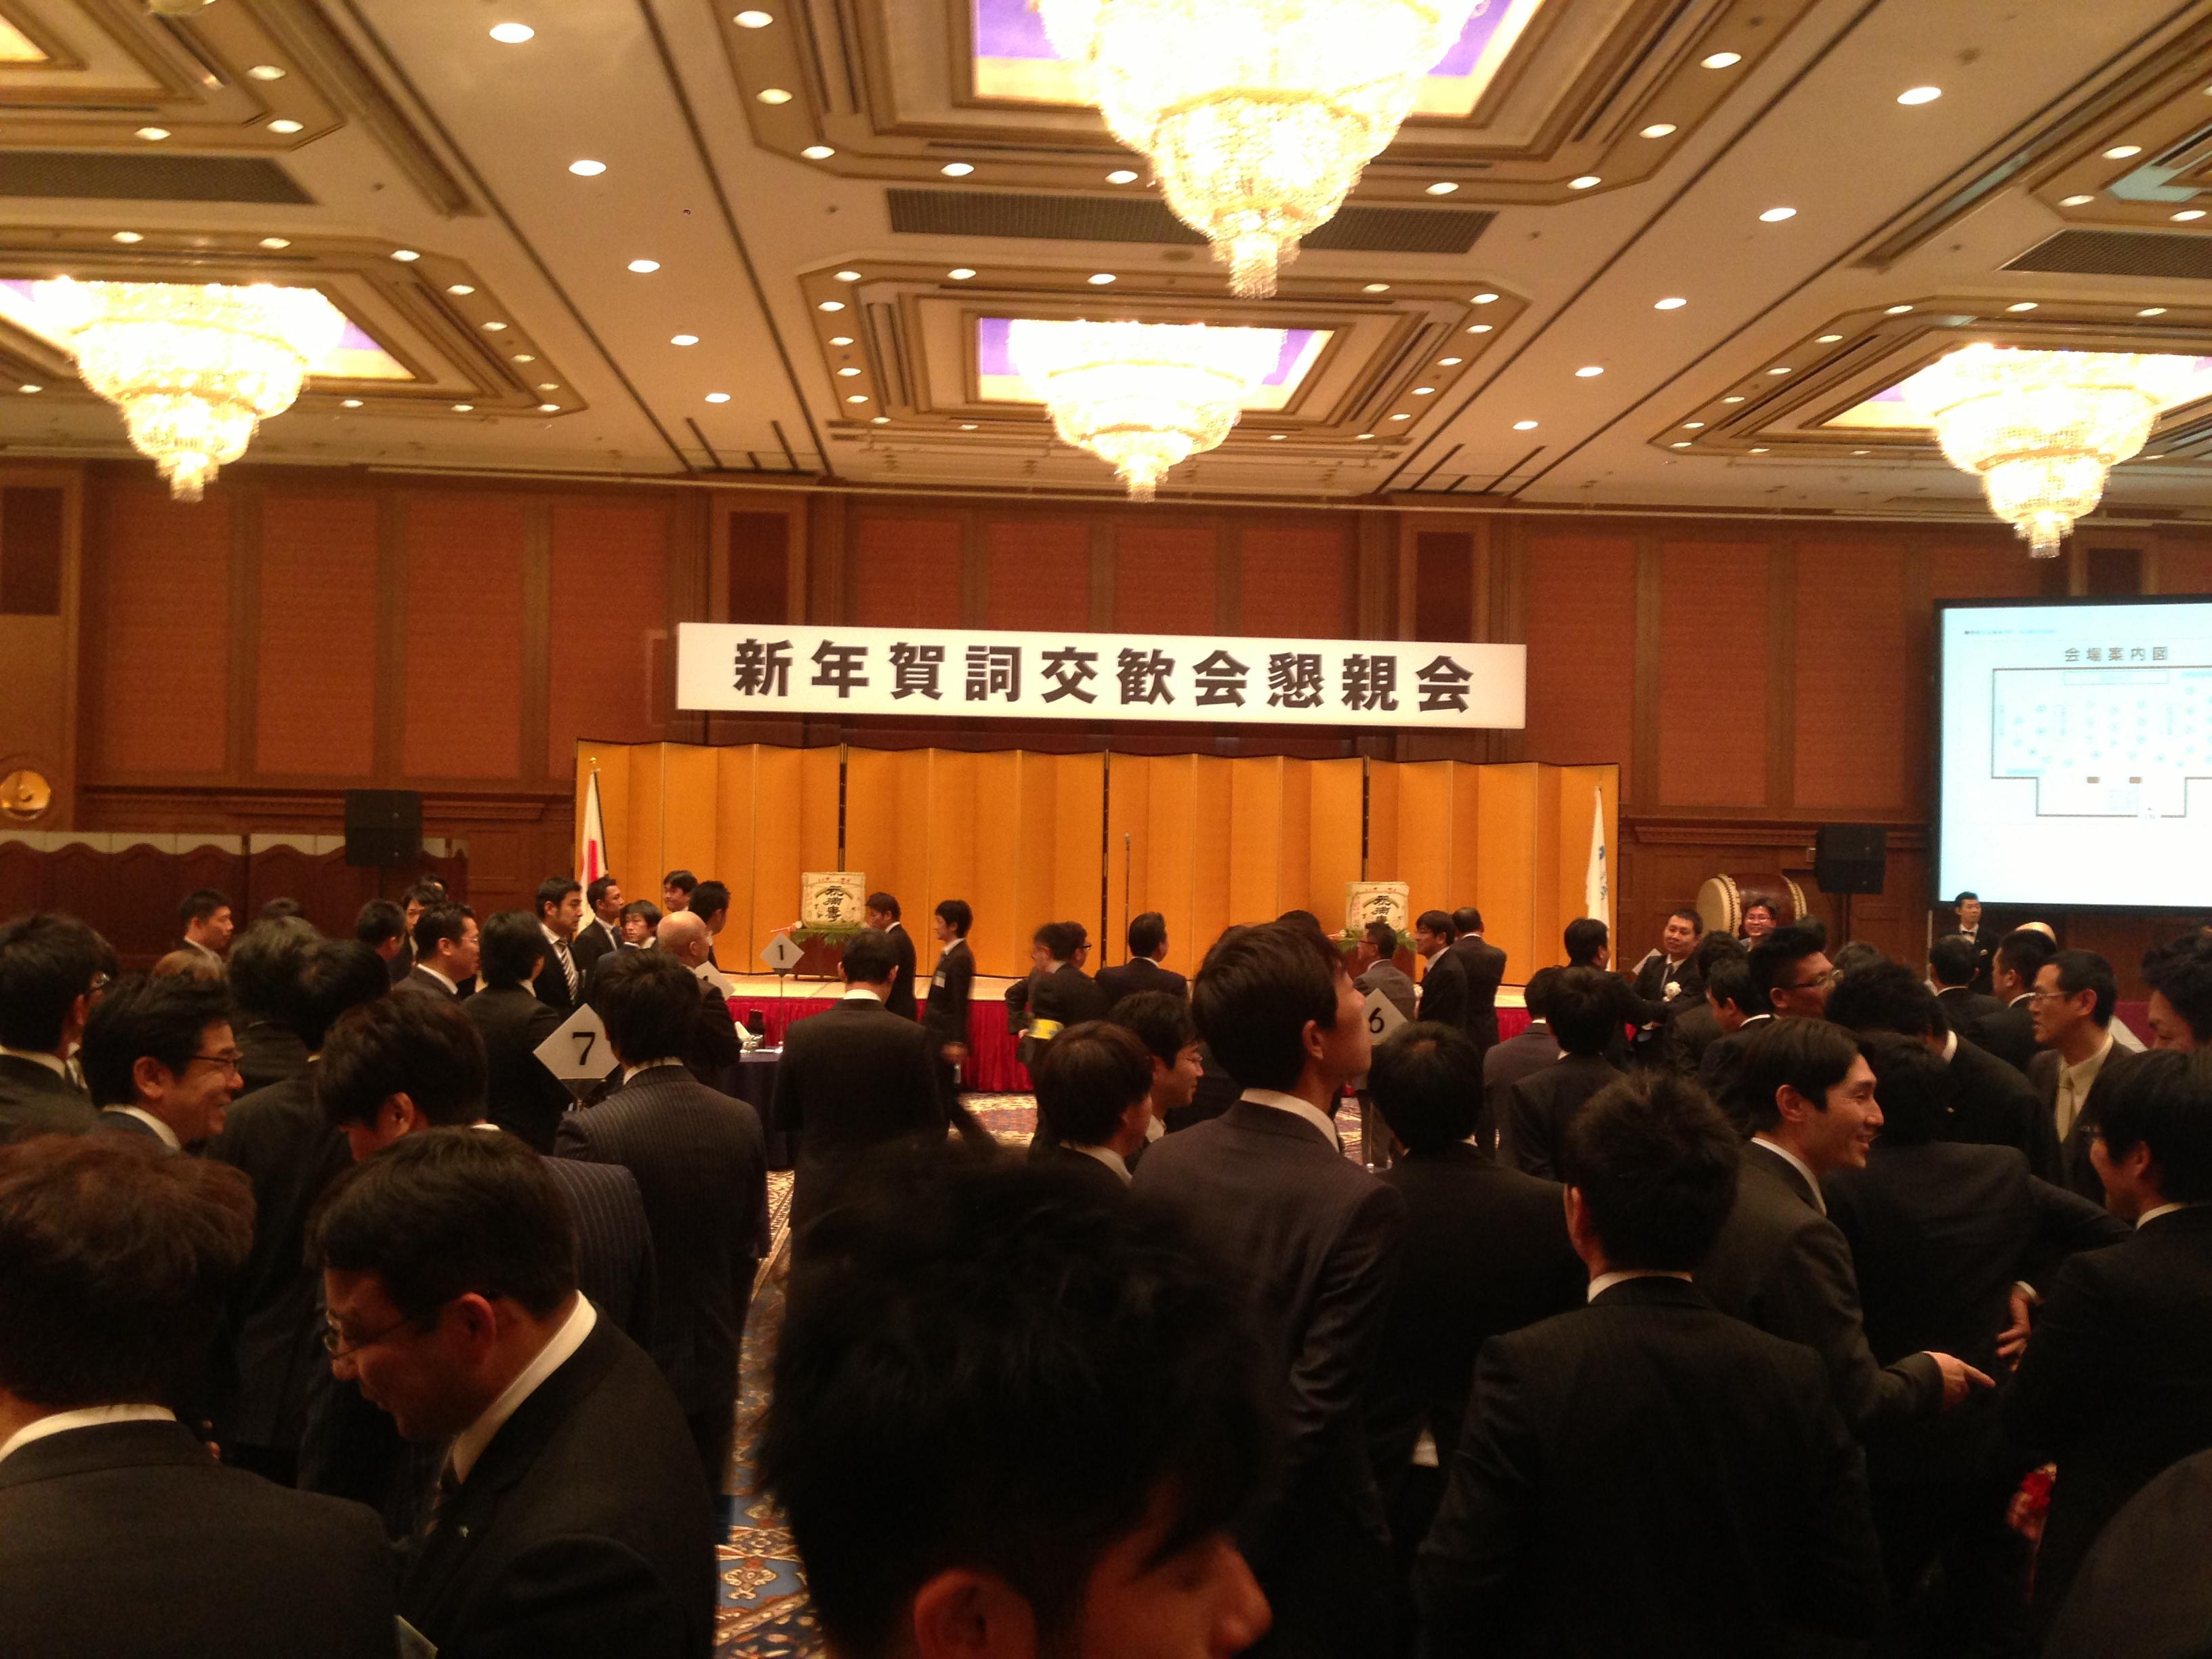 20140114_名古屋JC賀詞交歓会 (6)